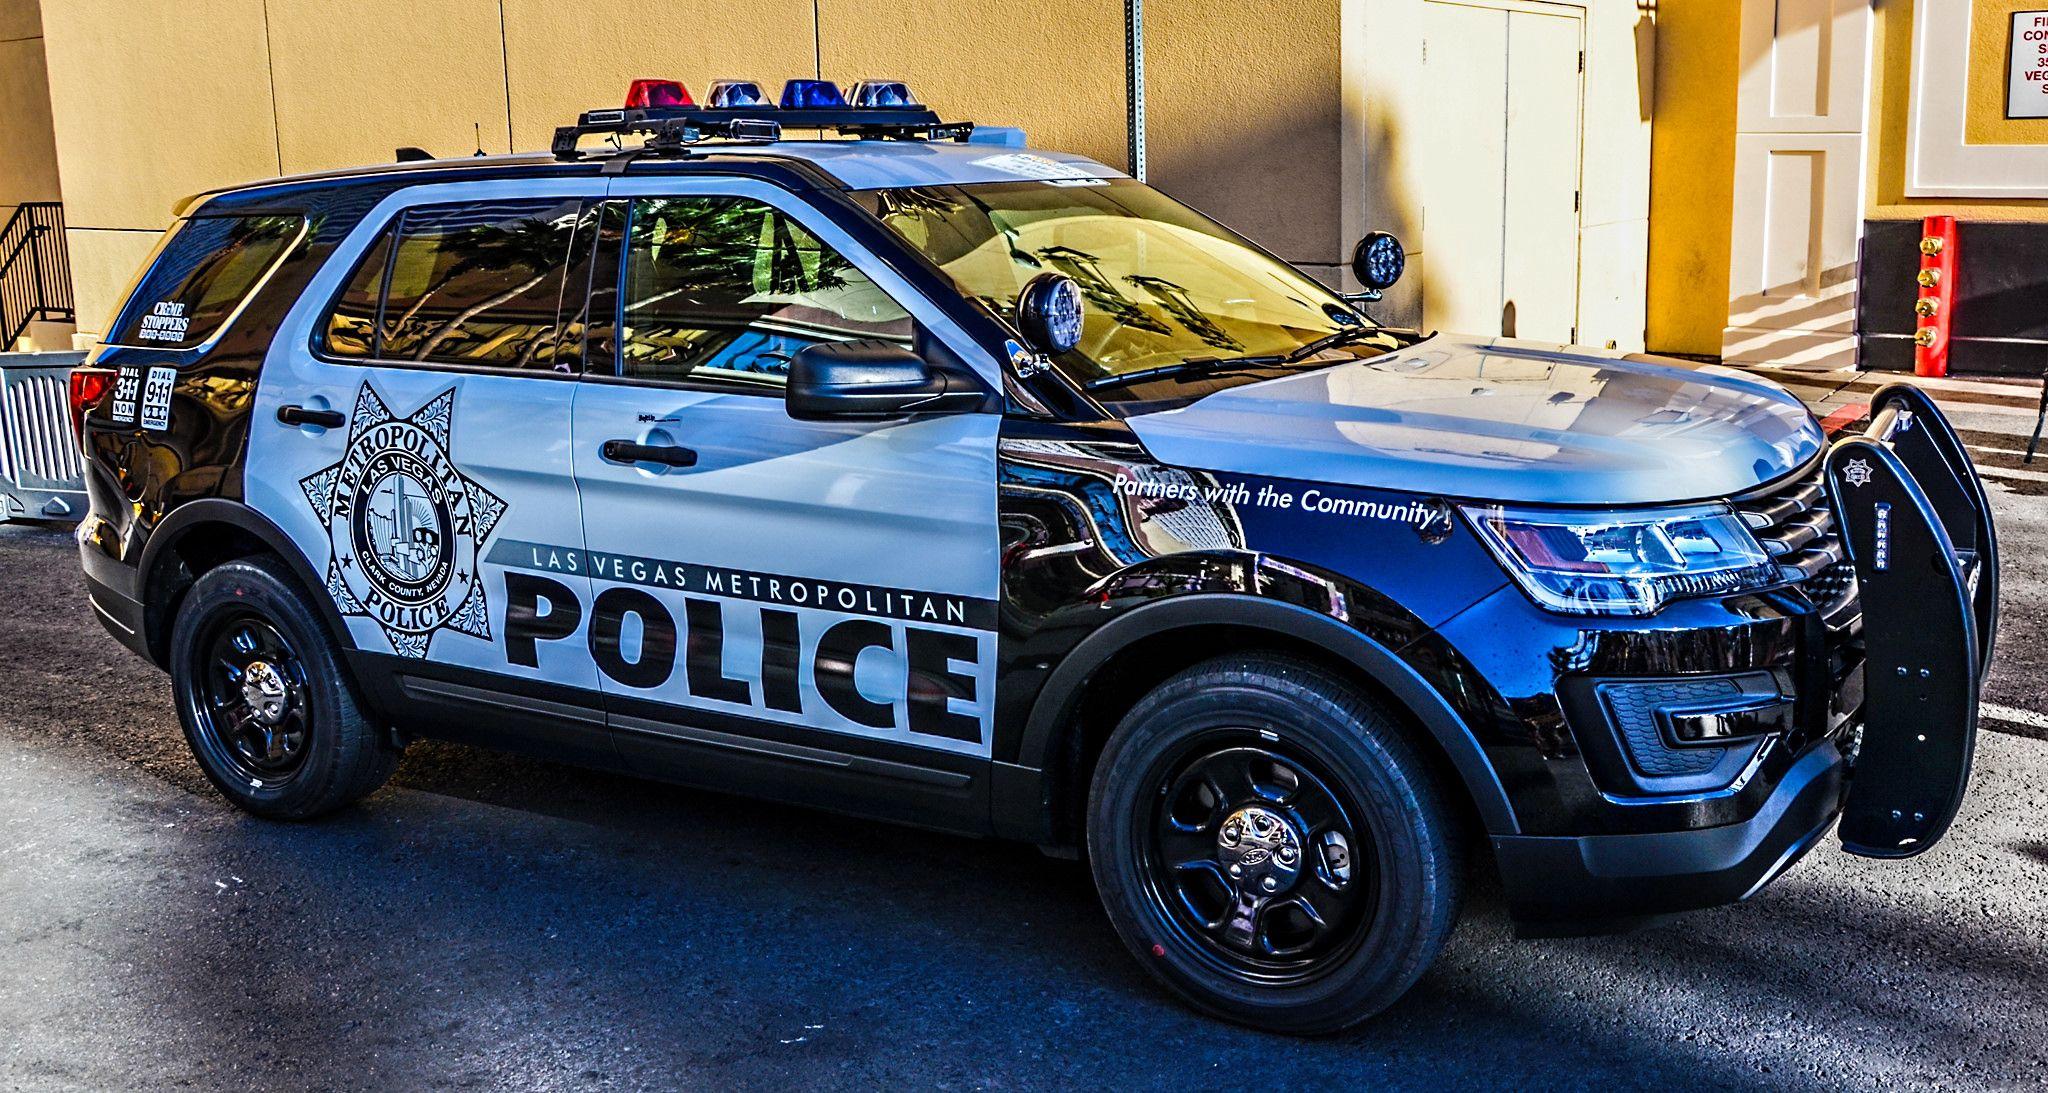 Las Vegas Metropolitan Police Ford Police Police Cars Police